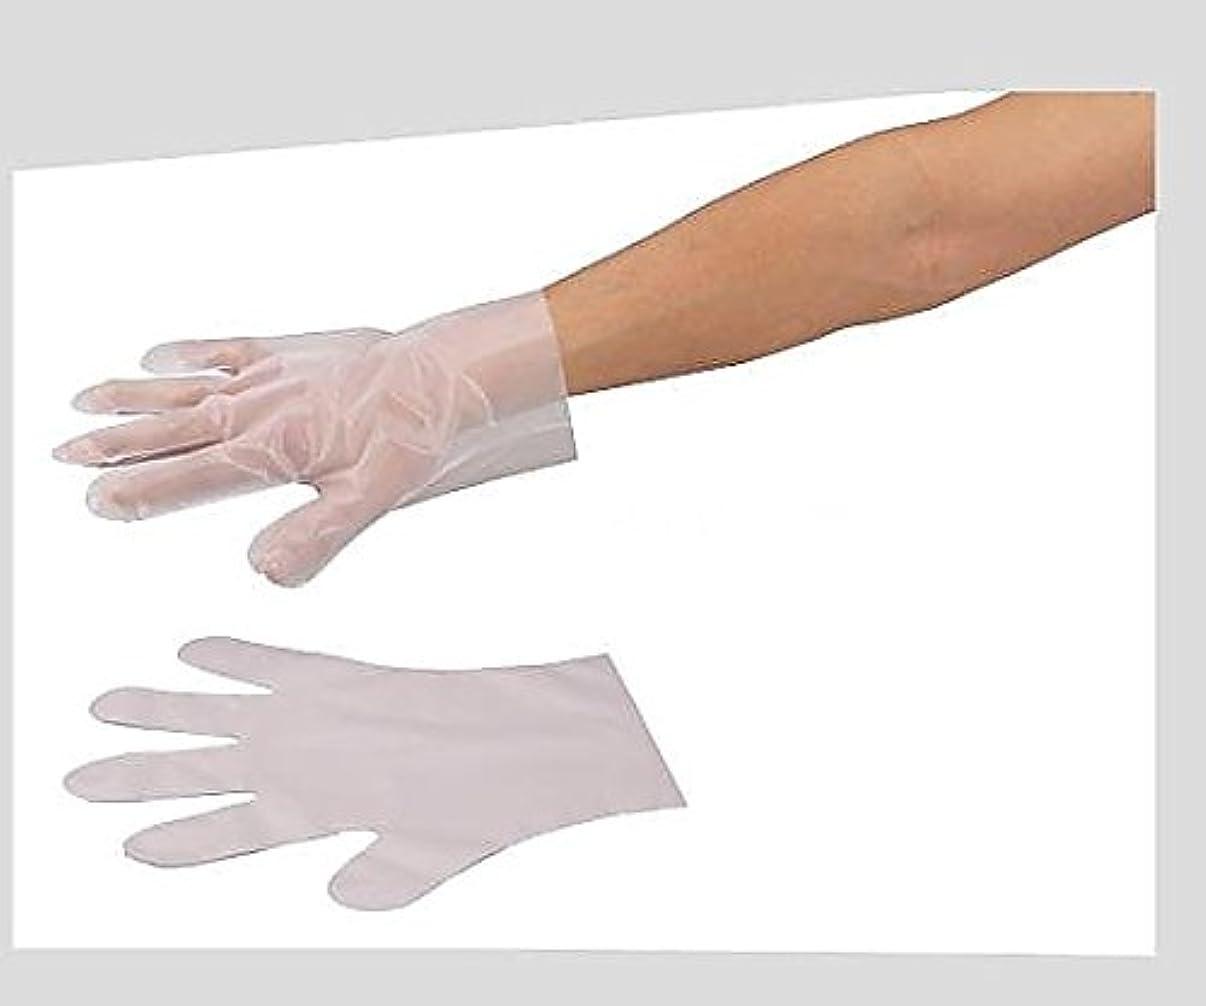 壁紙大洪水請求書アズワン6-896-02サニメント手袋(PE厚手タイプ)エンボス付M100枚入